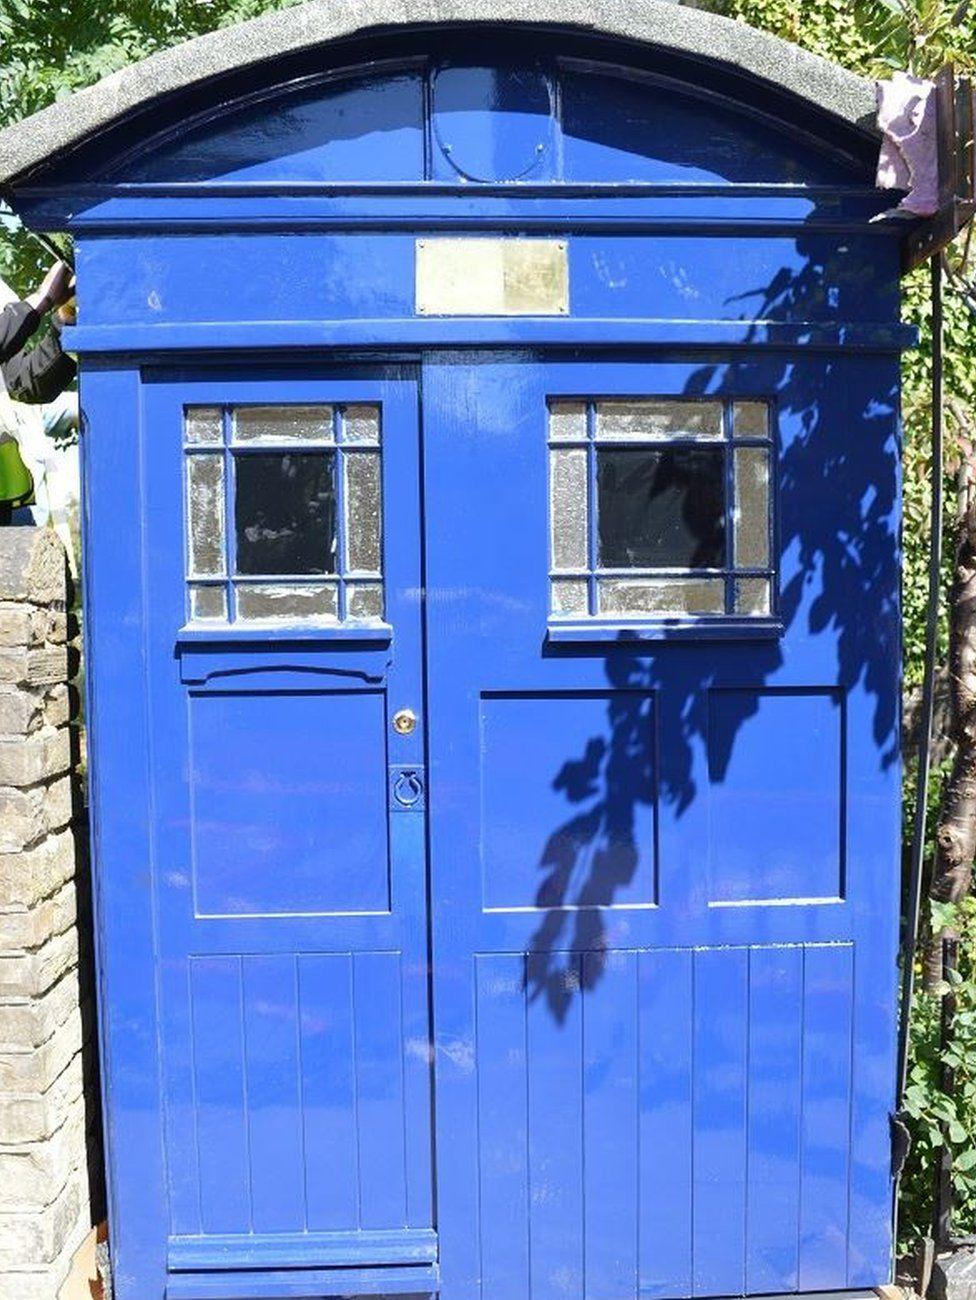 Almondbury police box